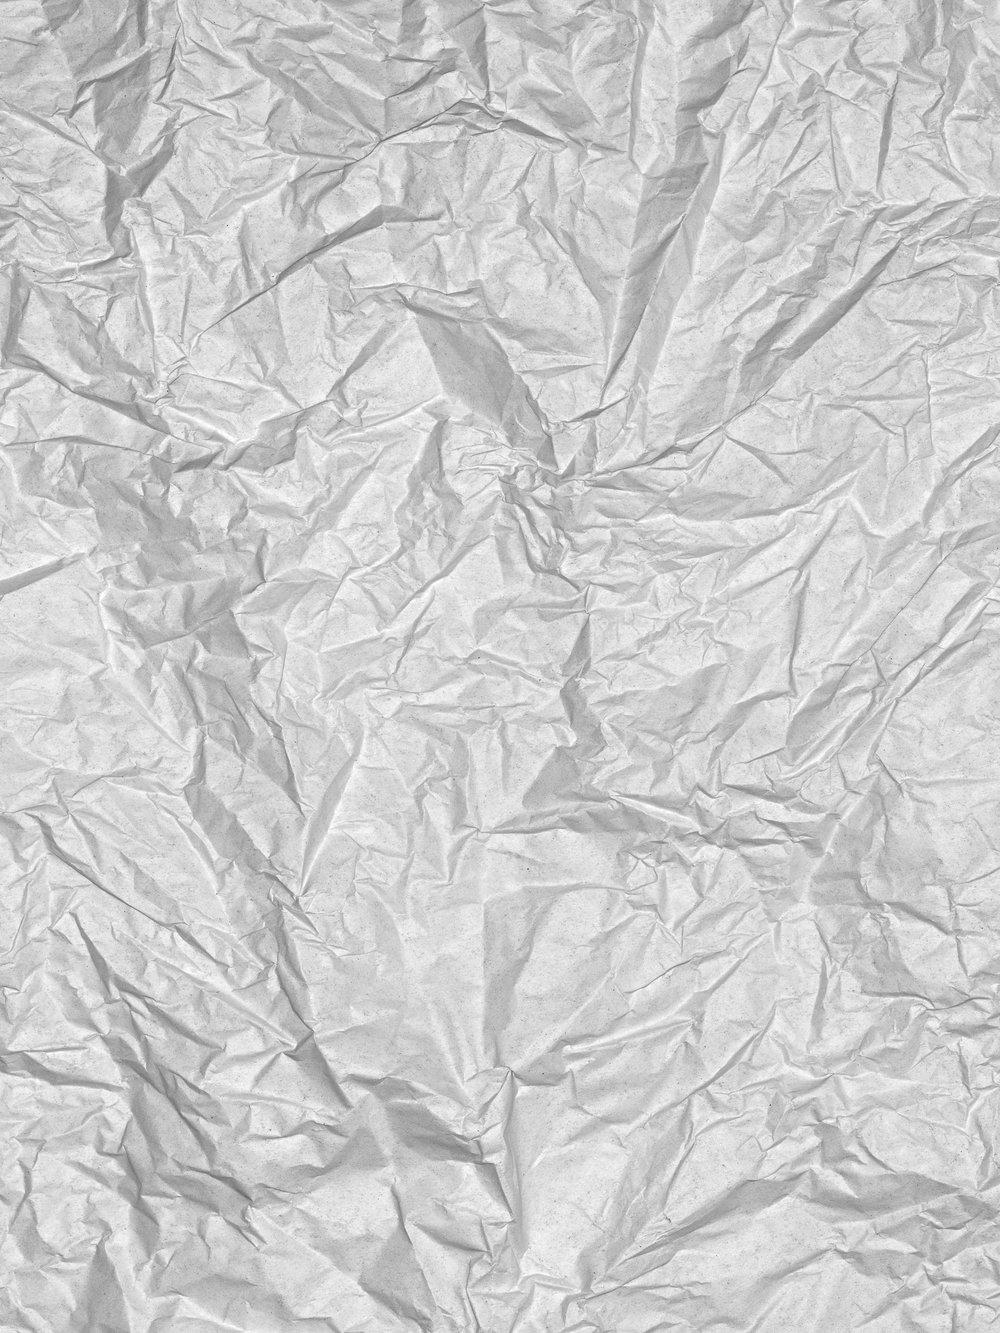 Verpackungsmaterial_004.jpg